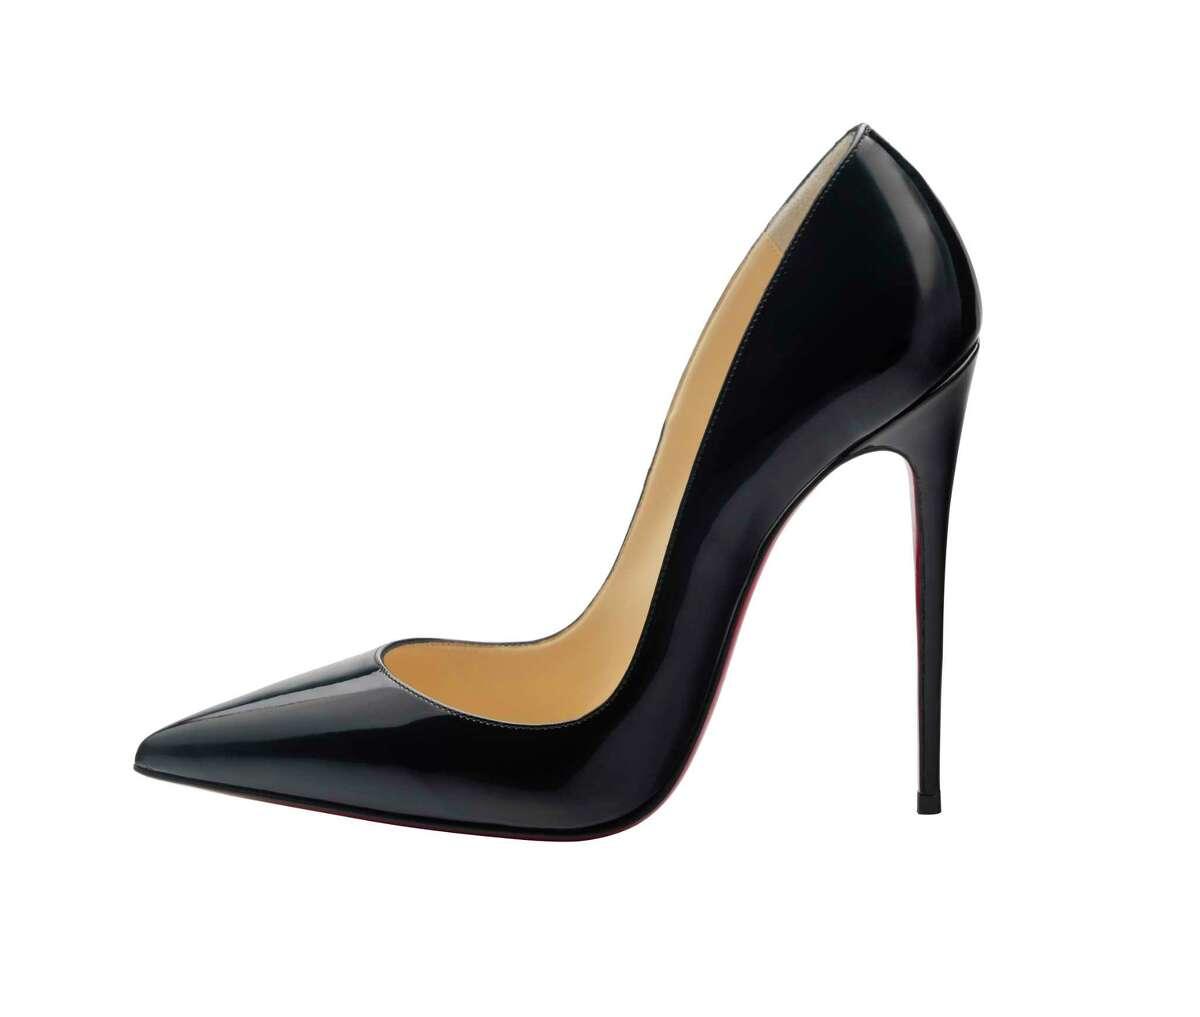 FAVORITE SHOE: Christian Louboutin's So Kate pump.